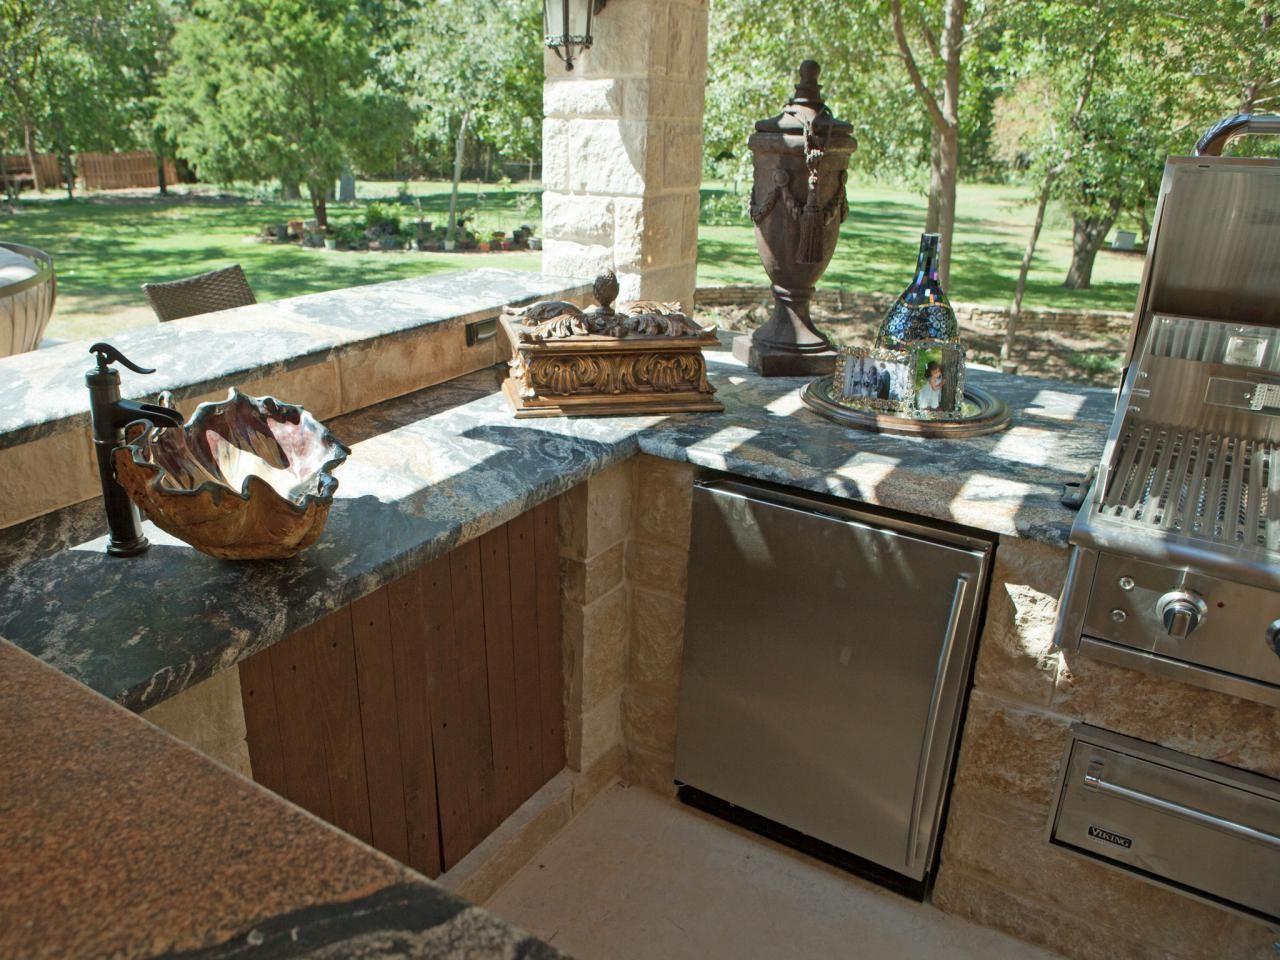 Outdoor Küchen Türen : Outdoor küche kabinett türen #badezimmer #büromöbel #couchtisch